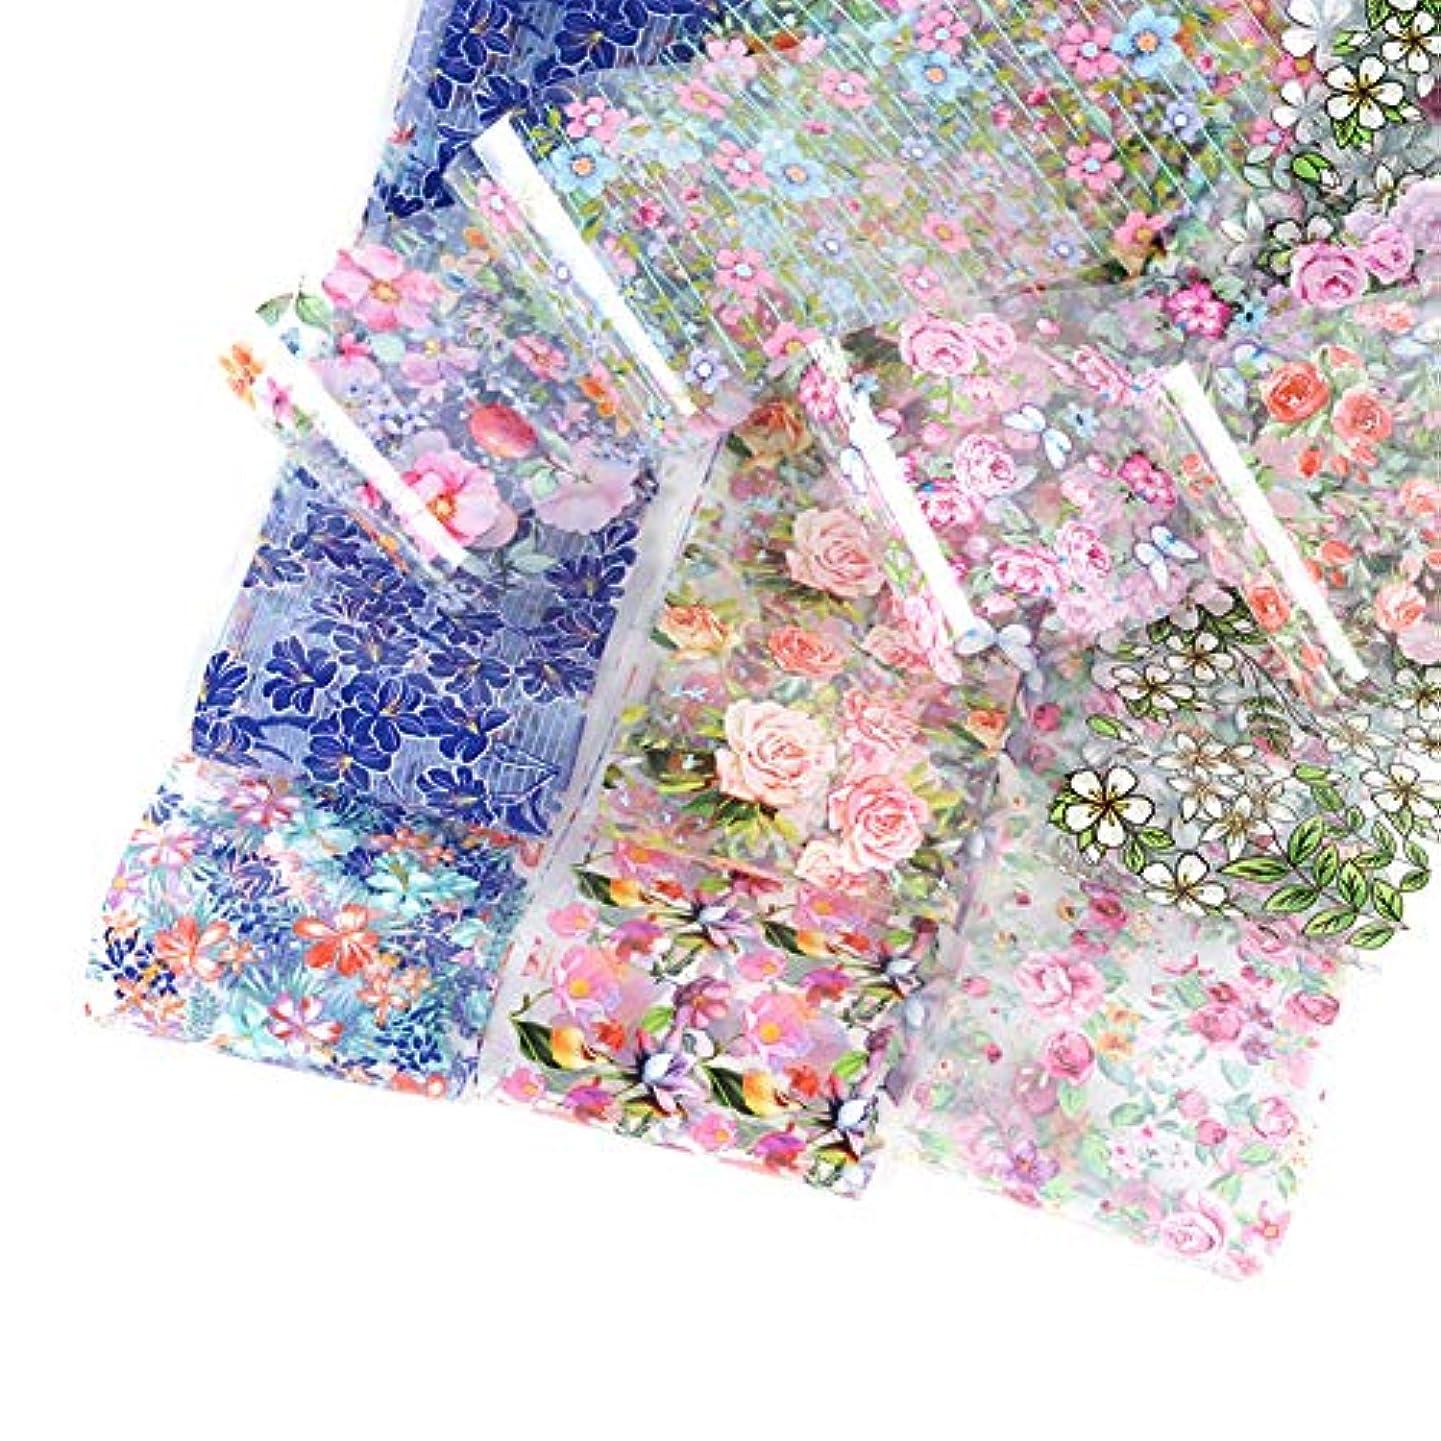 折り目非効率的な気づくRadiya ネイルシール ネイルステッカー 星空ネイル シェル 花柄ネイルホイル 水彩の花 転写ホイル 箔紙 シェルプリント 極薄フィルム 10枚セット